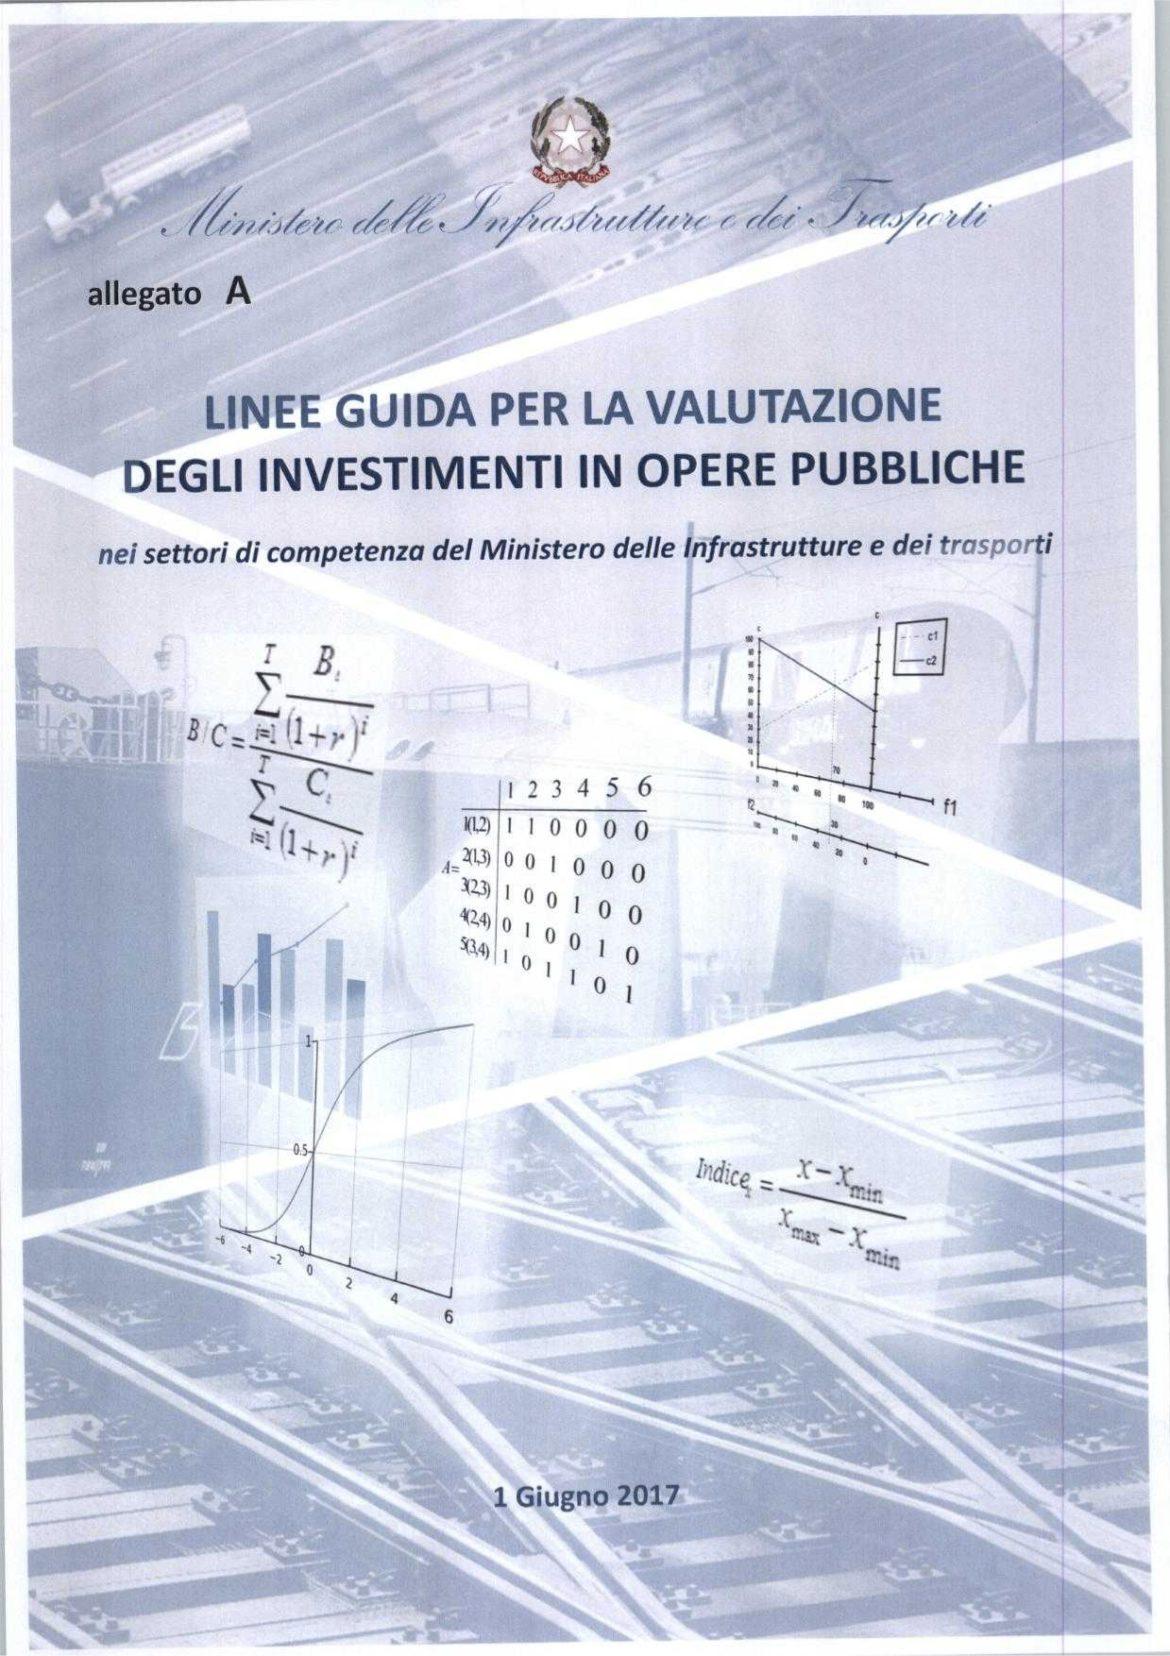 Linee guida per la valutazione degli investimenti in opere pubbliche